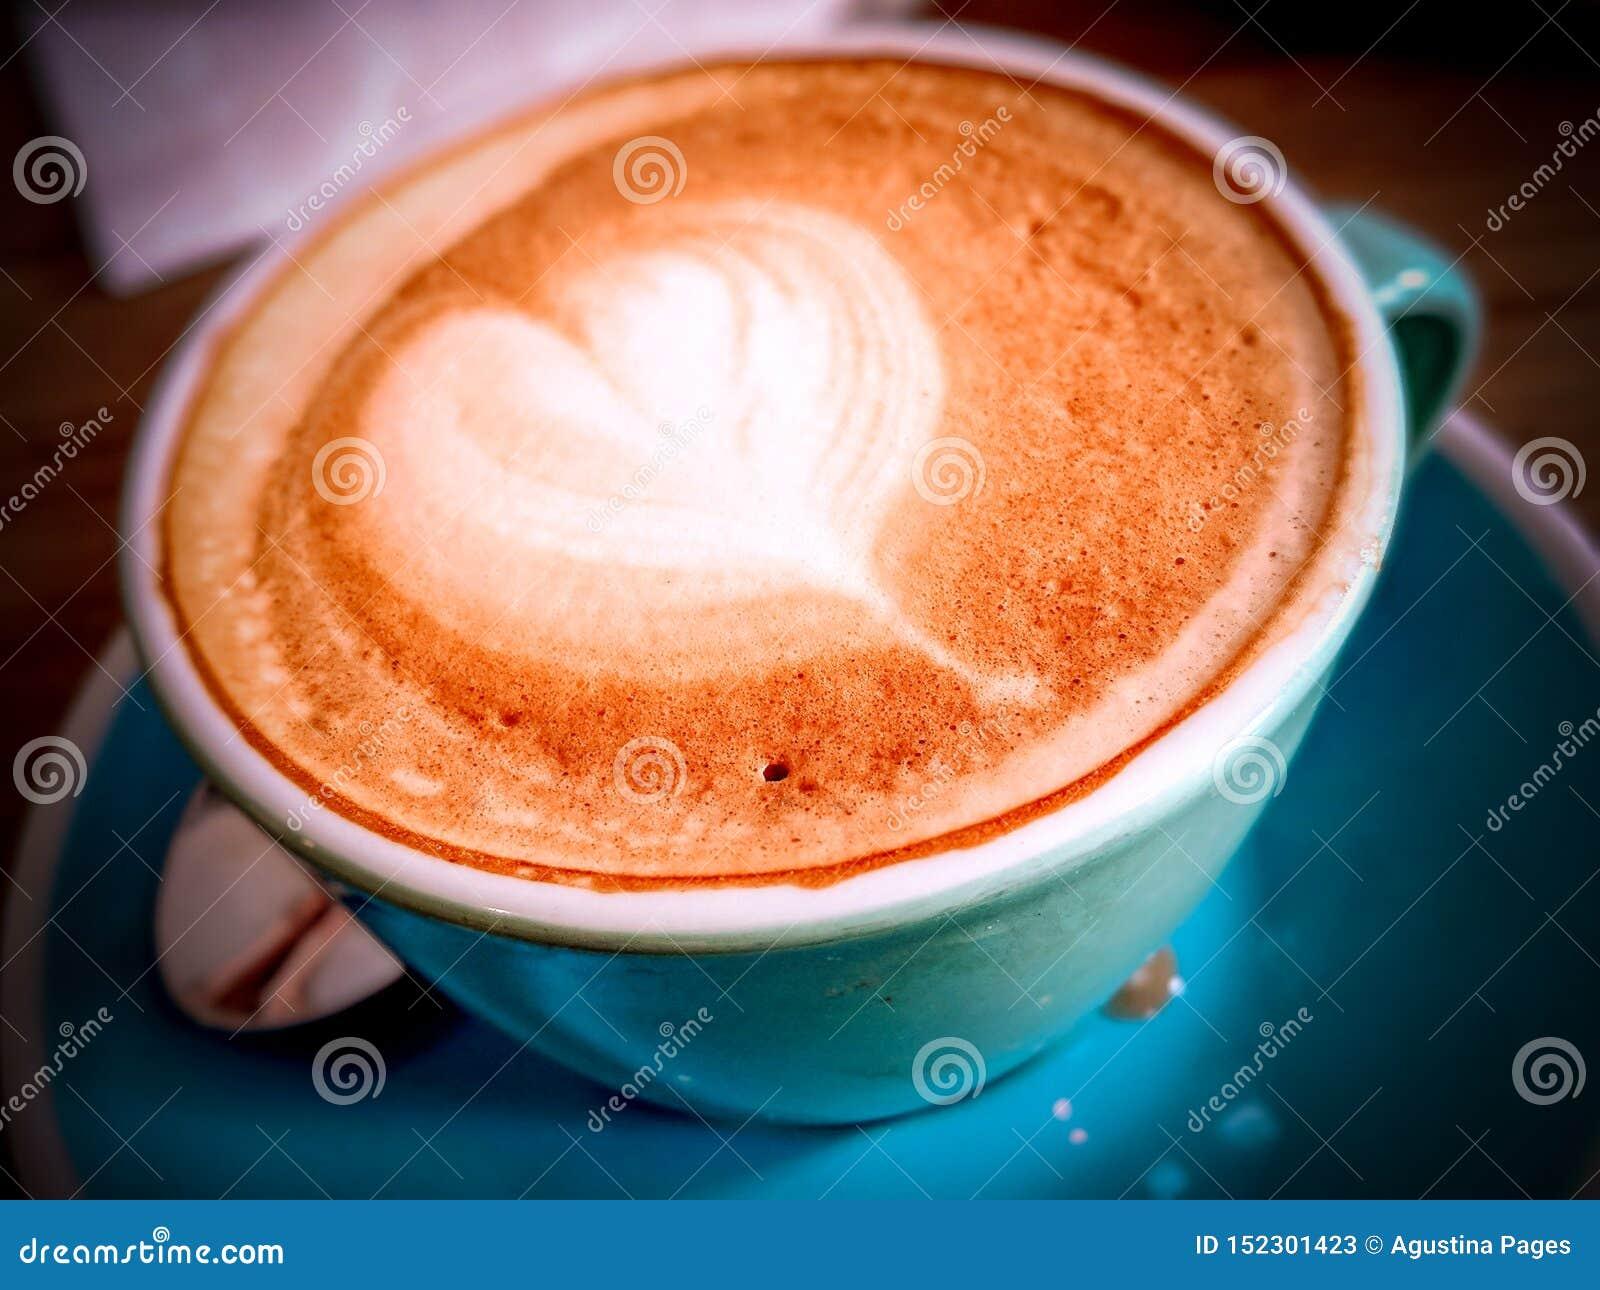 Cafecito corazon